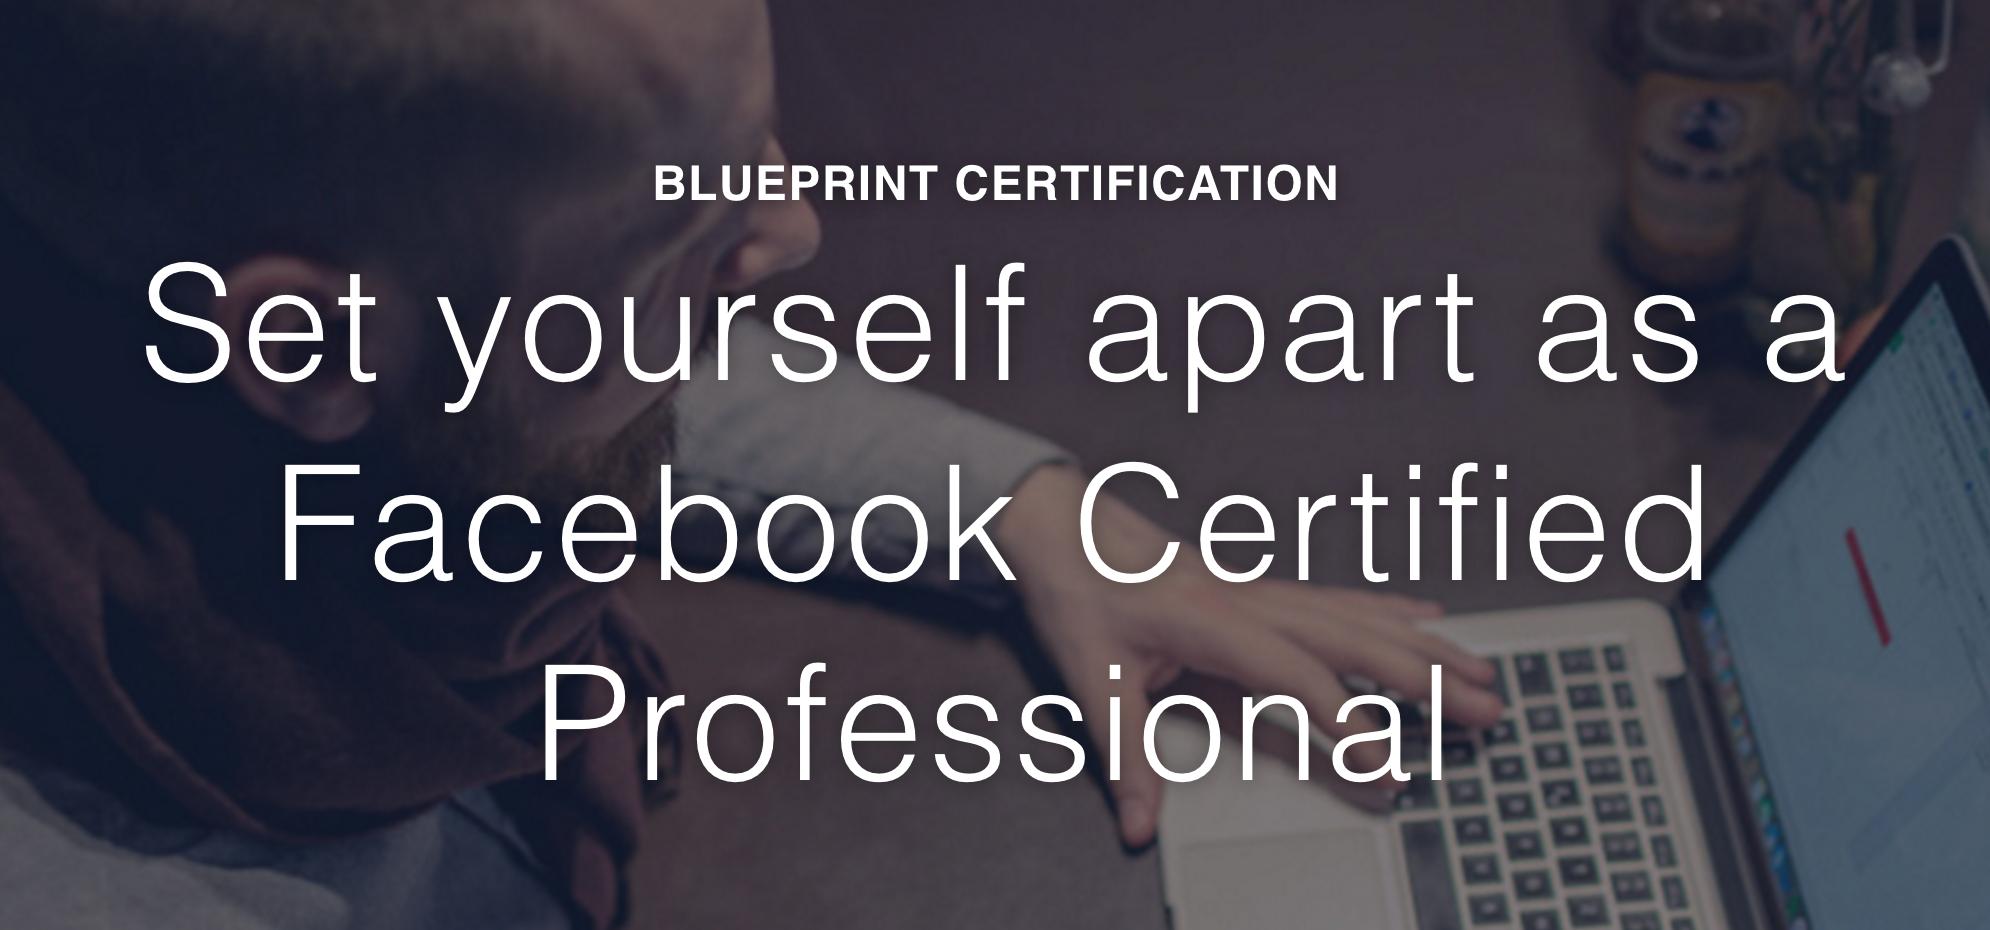 Blueprint認定制度